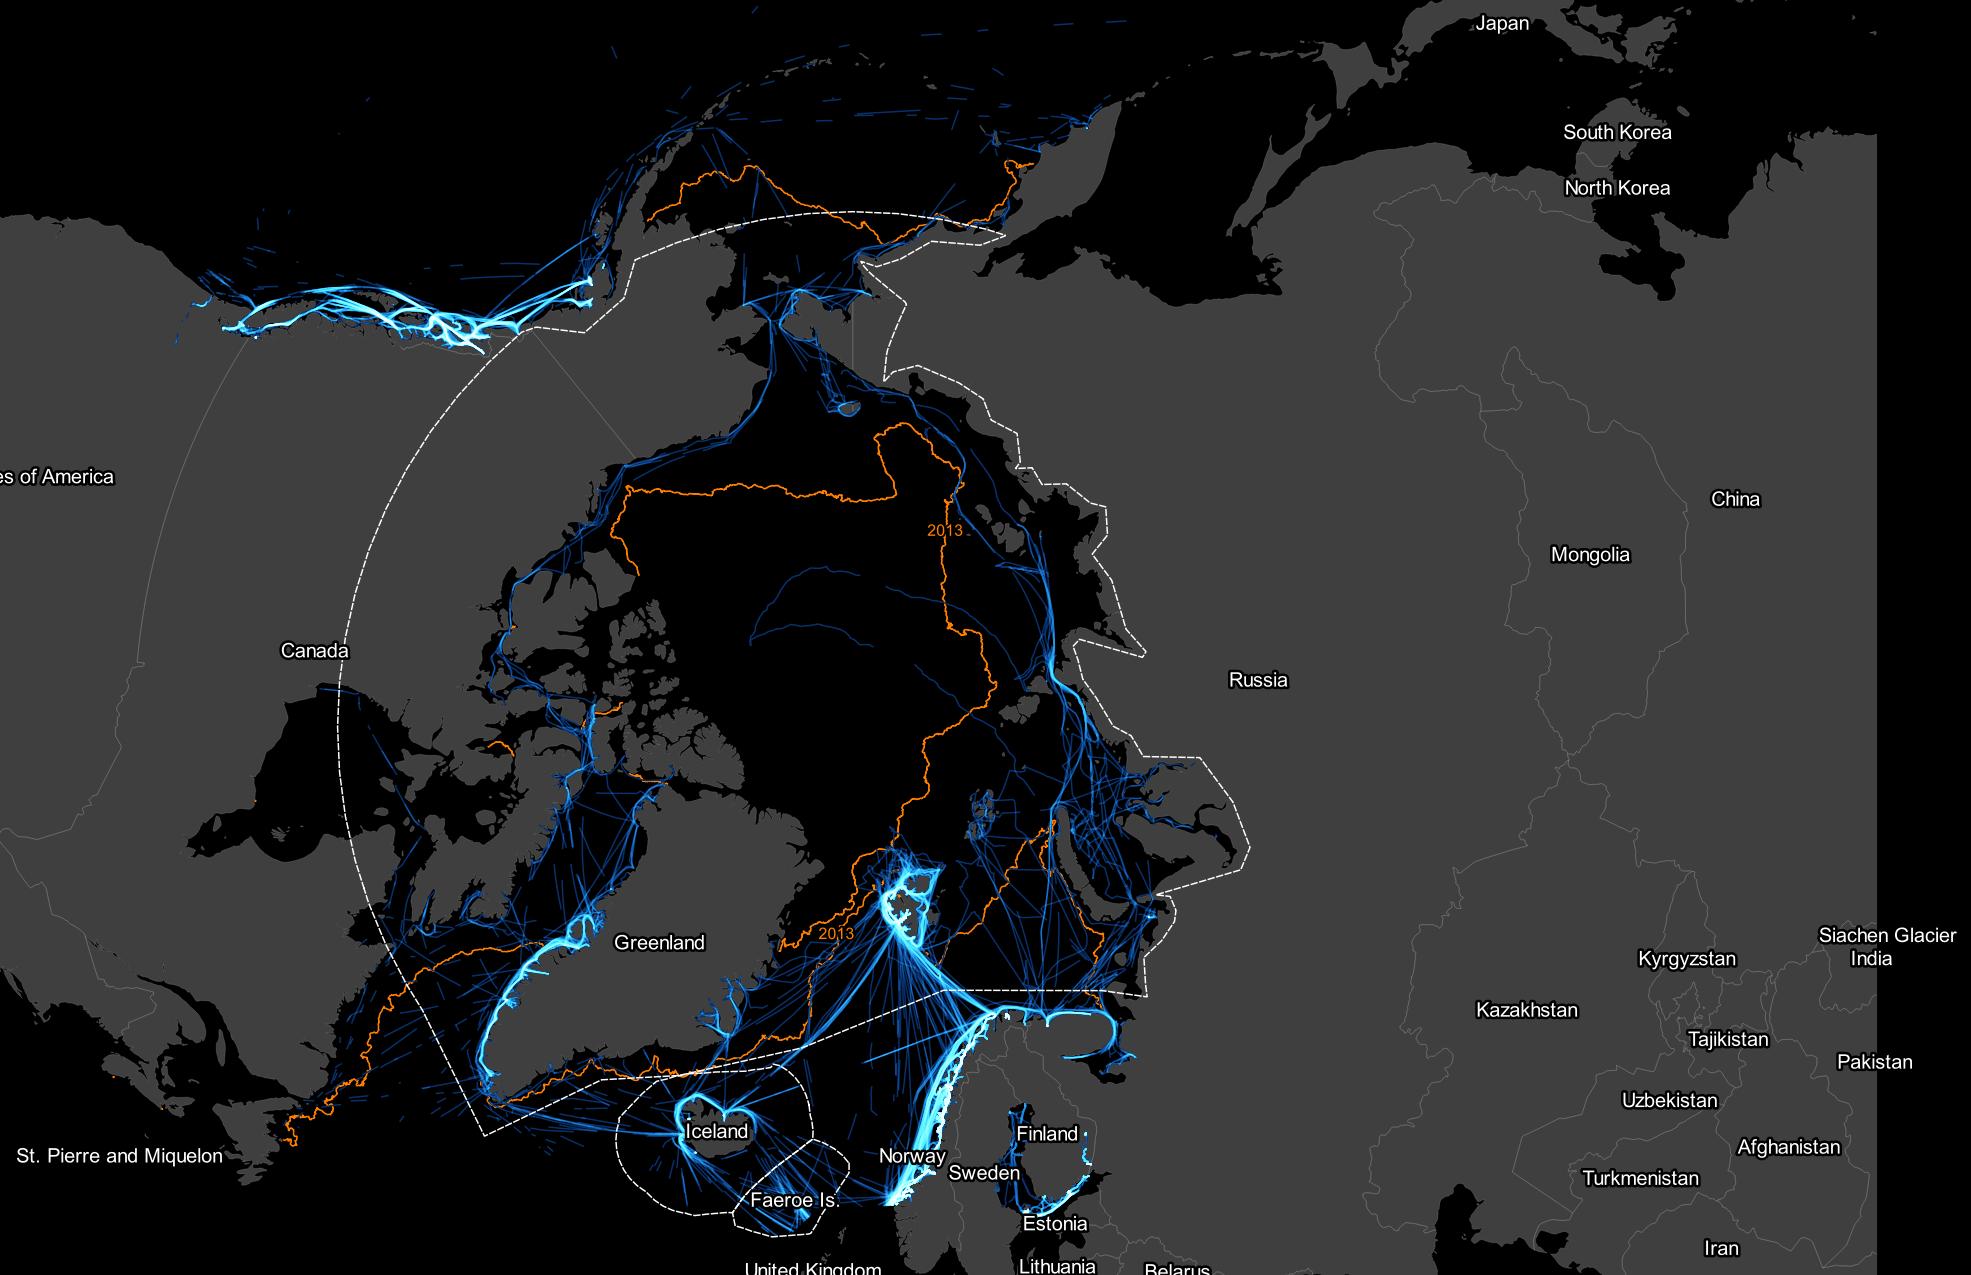 All ship tracks: 2013